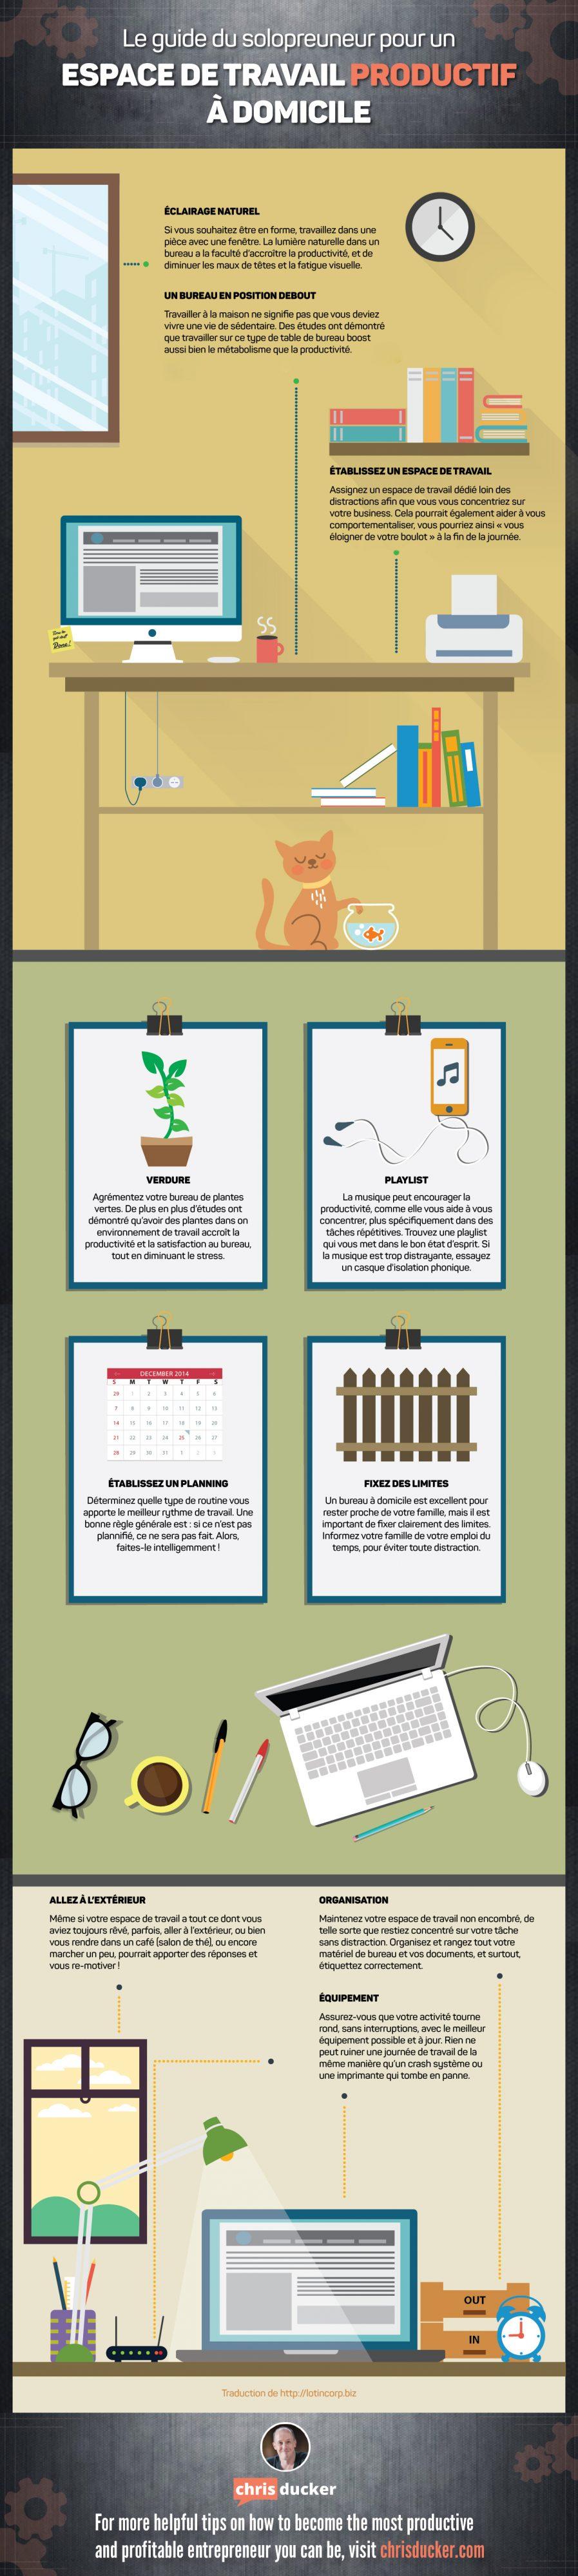 guide-du-solopreneur-bureau-productif-domicile